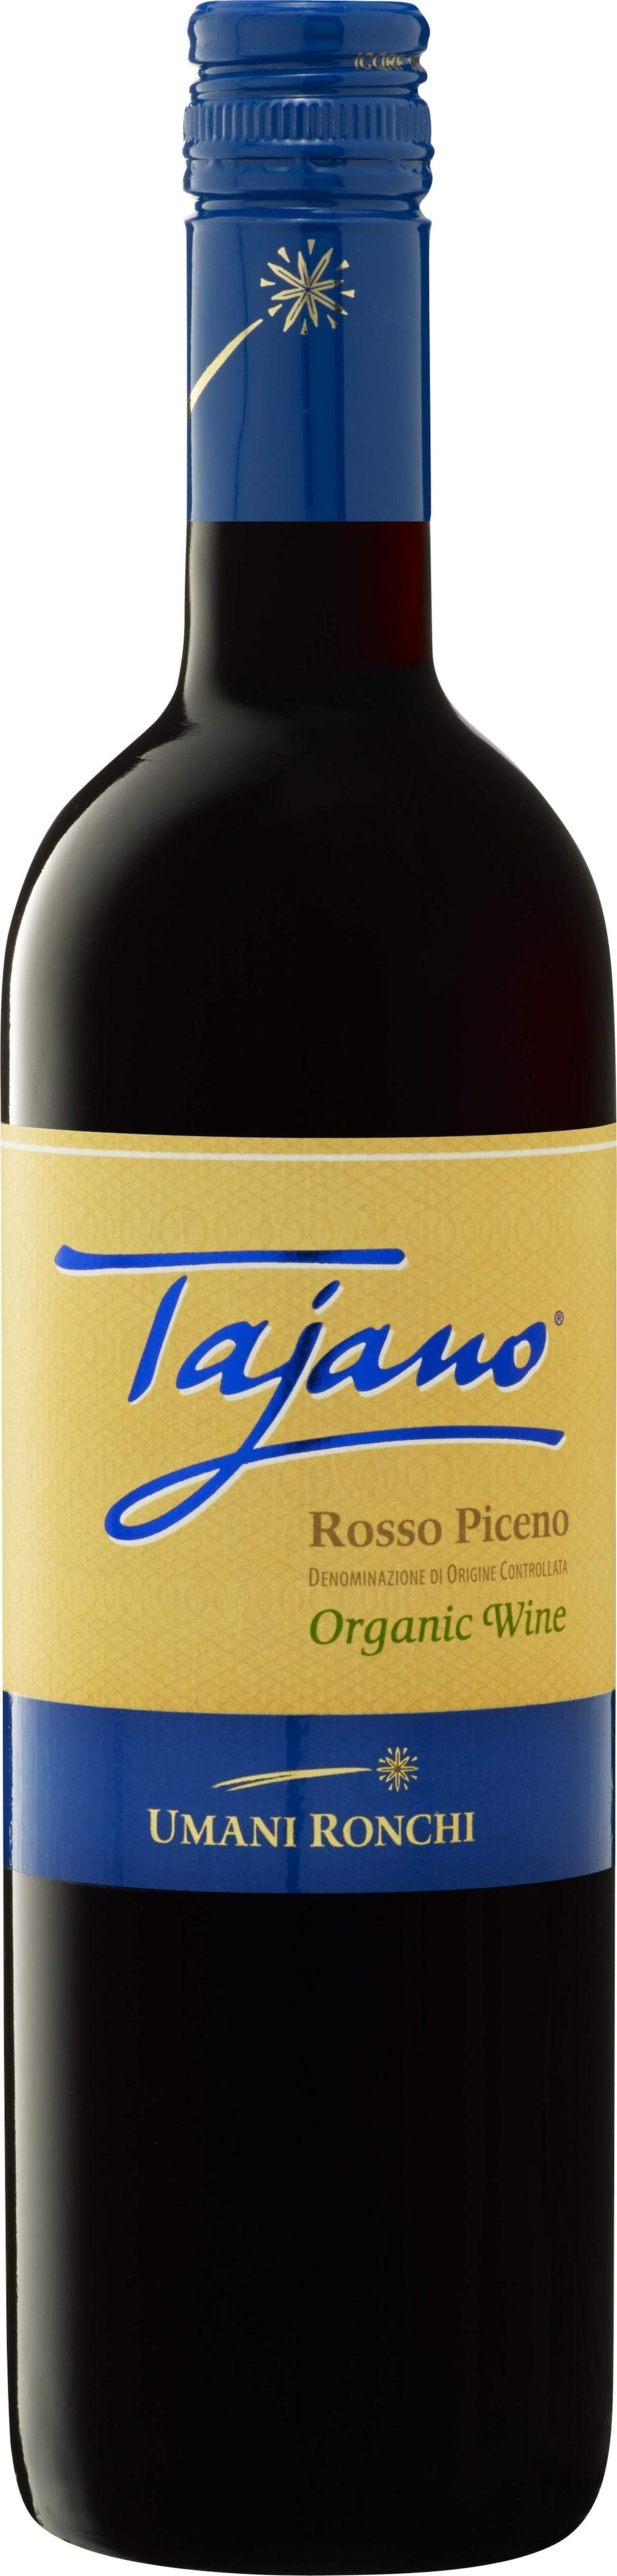 """Rött<br><strong>Tajano Rosso Piceno 2012 (6090) Italien, 79 kr</strong><br>Smakrikt och generöst med drag av körsbär, viol, lakrits och kryddor. Gott till smörstekta gnocchi med lufttorkad skinka, salvia och vitlök.<br><exp:icon type=""""wasp""""></exp:icon><exp:icon type=""""wasp""""></exp:icon><exp:icon type=""""wasp""""></exp:icon><exp:icon type=""""wasp""""></exp:icon><exp:icon type=""""wasp""""></exp:icon>"""